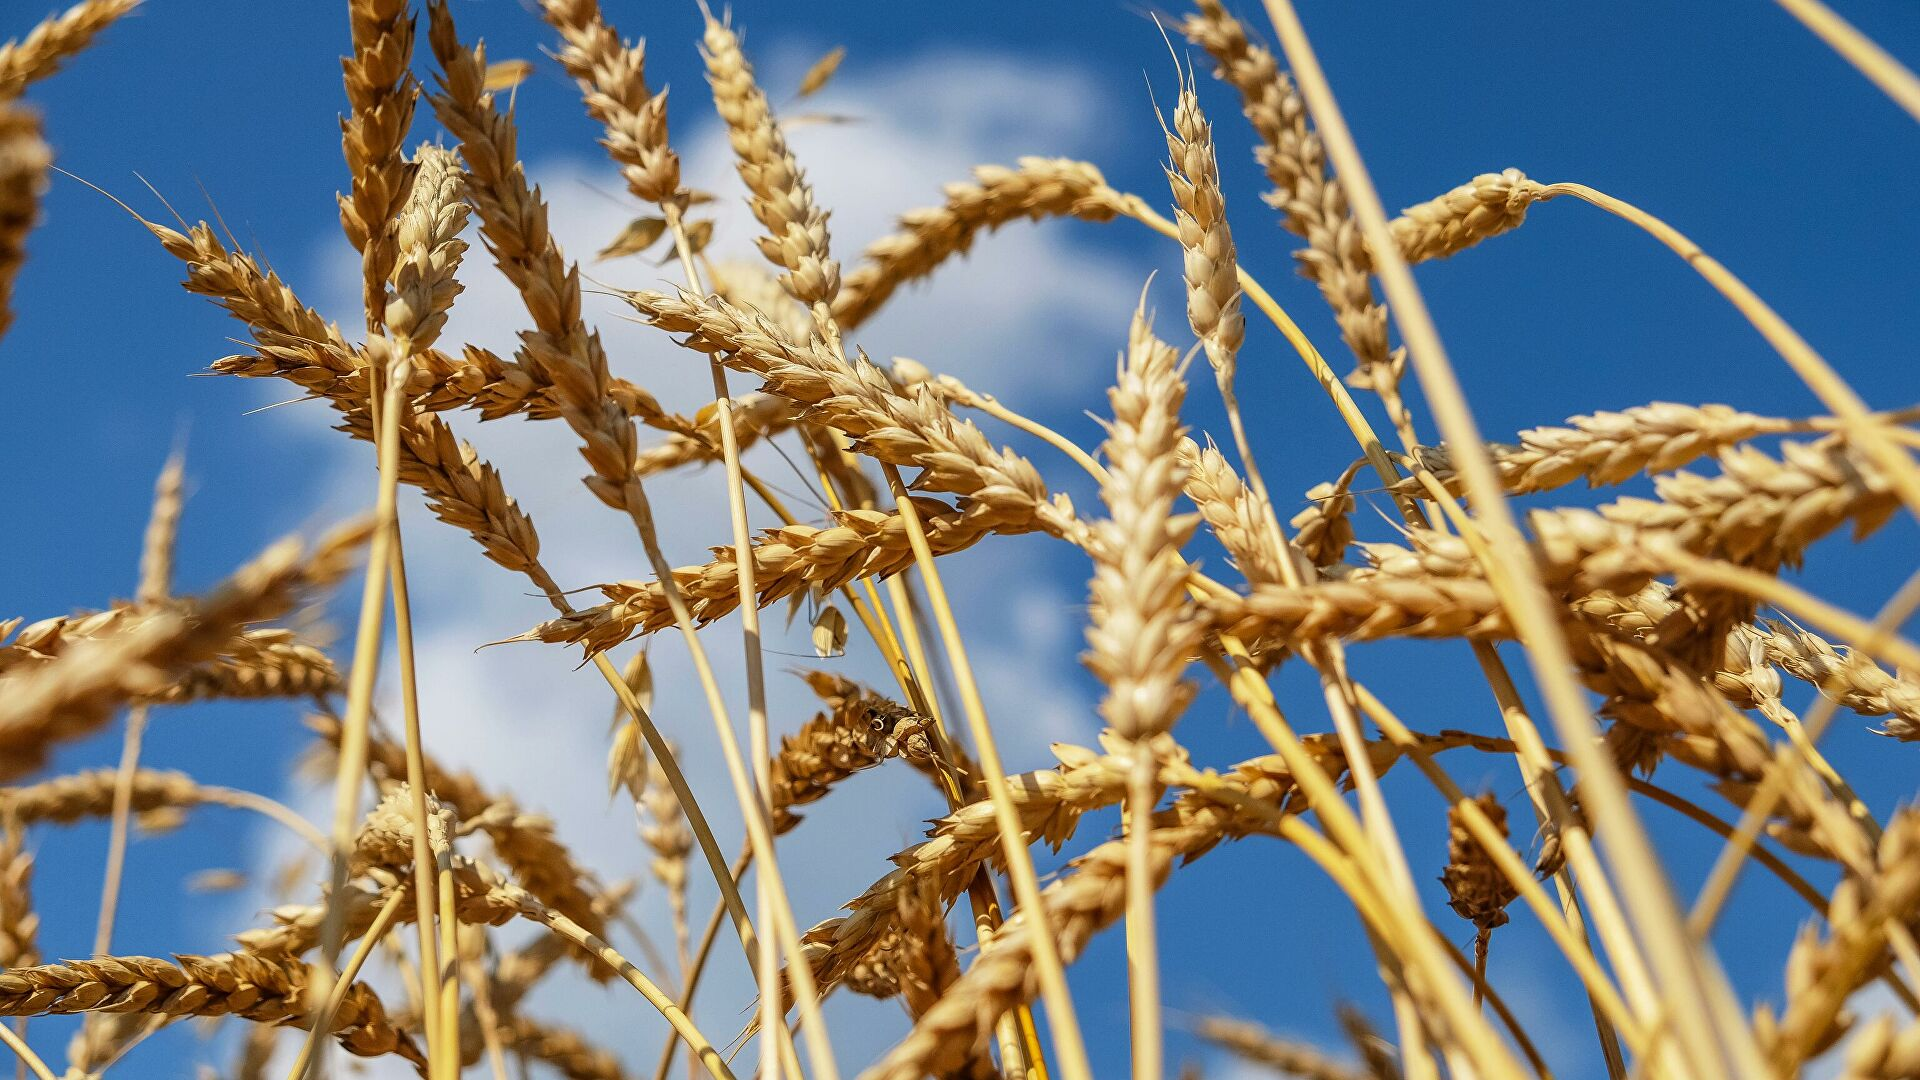 САД предвиђају Русији једну од најбољих жетви пшенице у историји